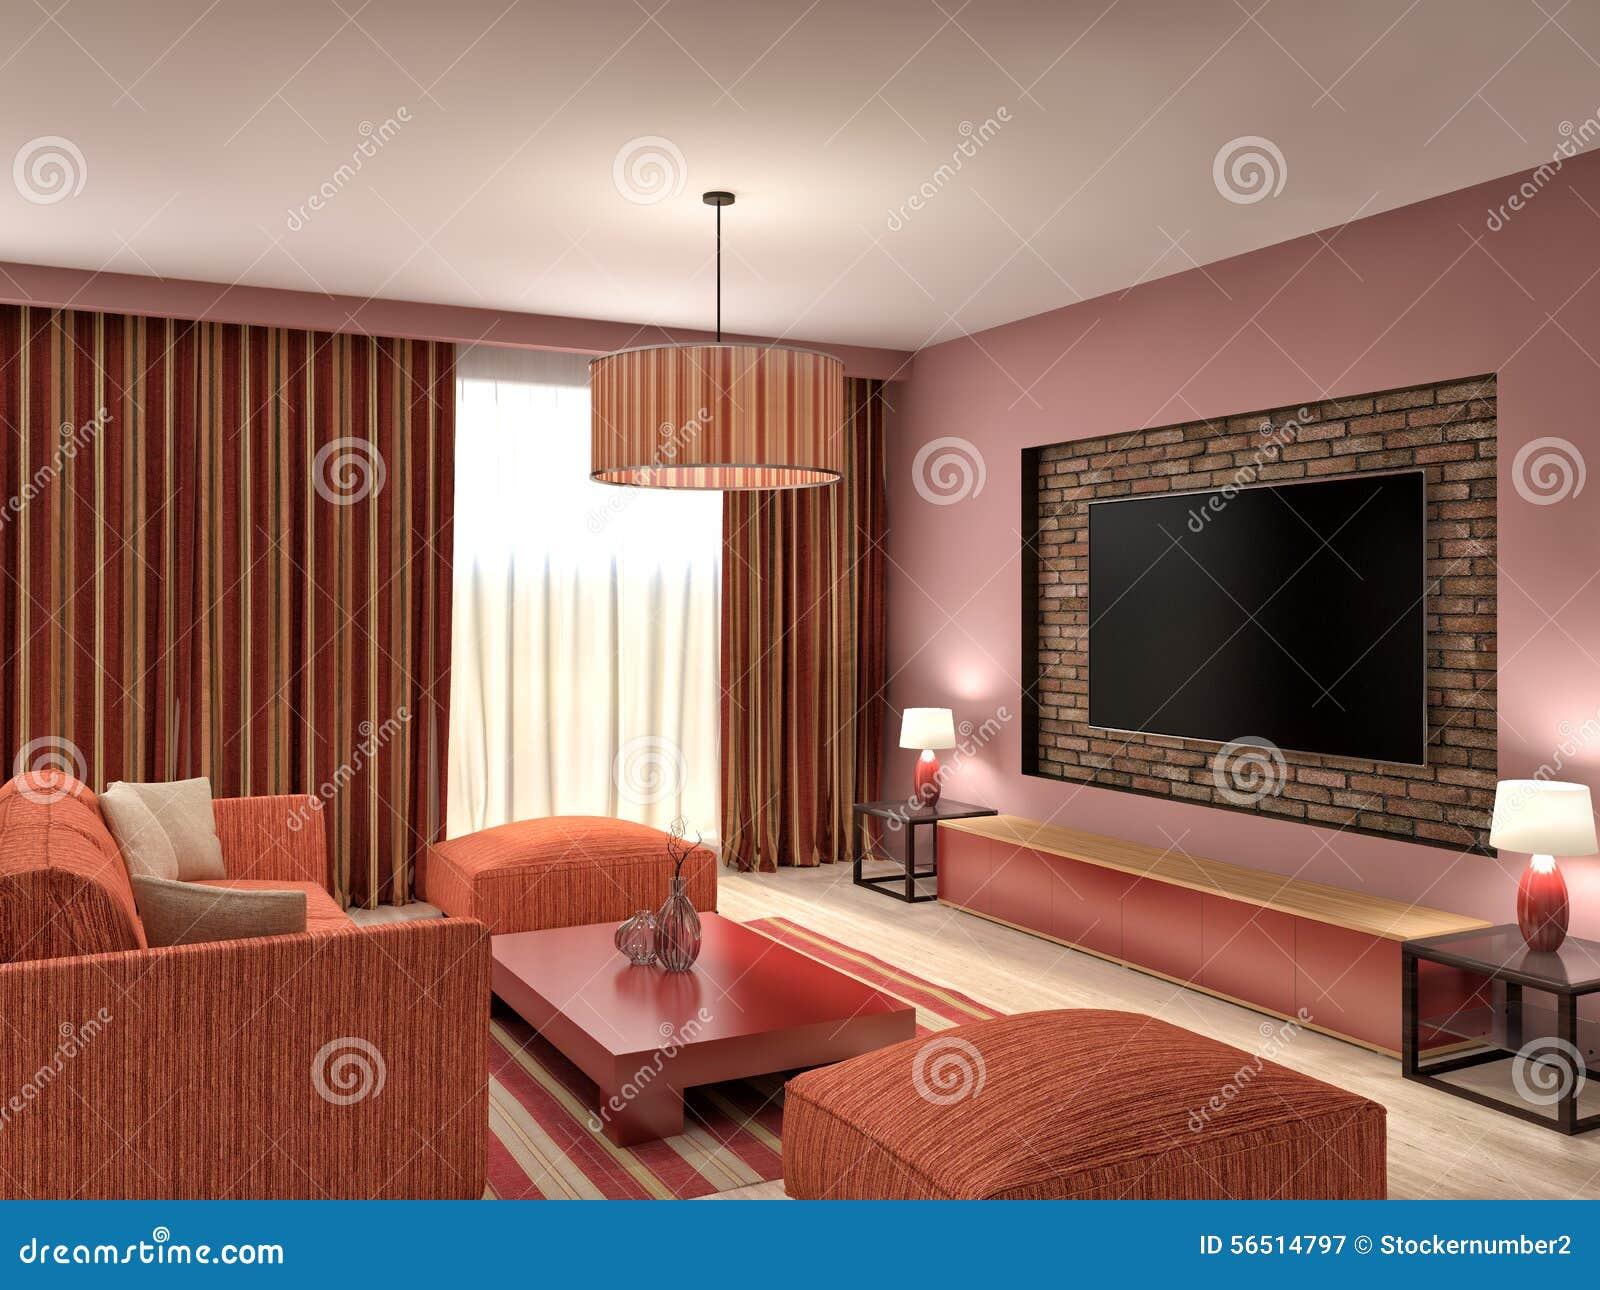 3d Woonkamer Ontwerpen : Modern rood woonkamer binnenlands ontwerp 3d illustratie stock